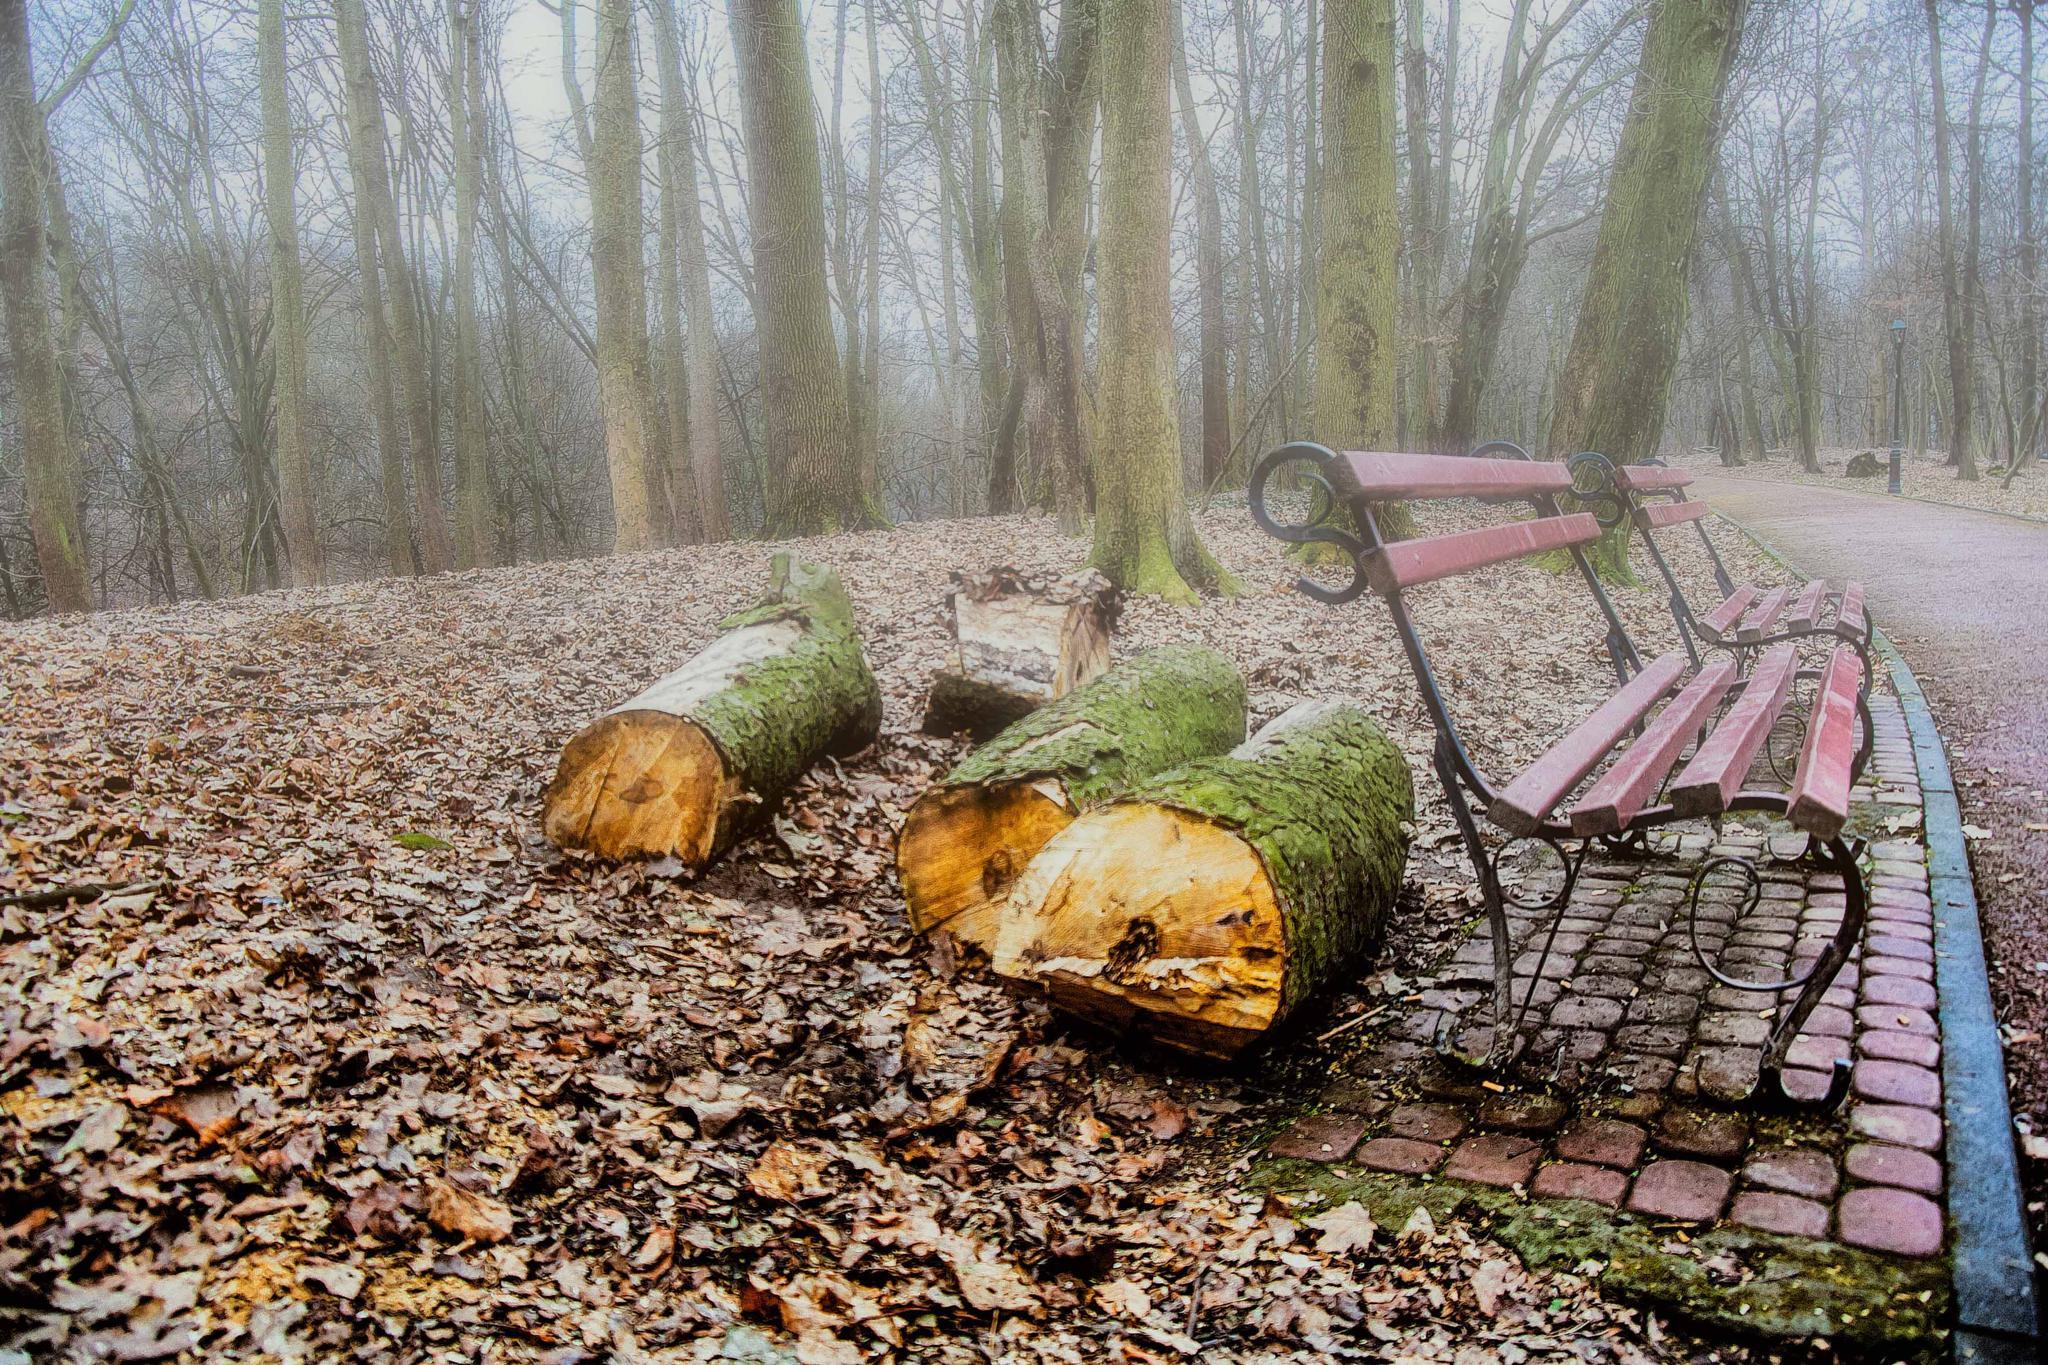 It Mists by Yevheniy  Mokin